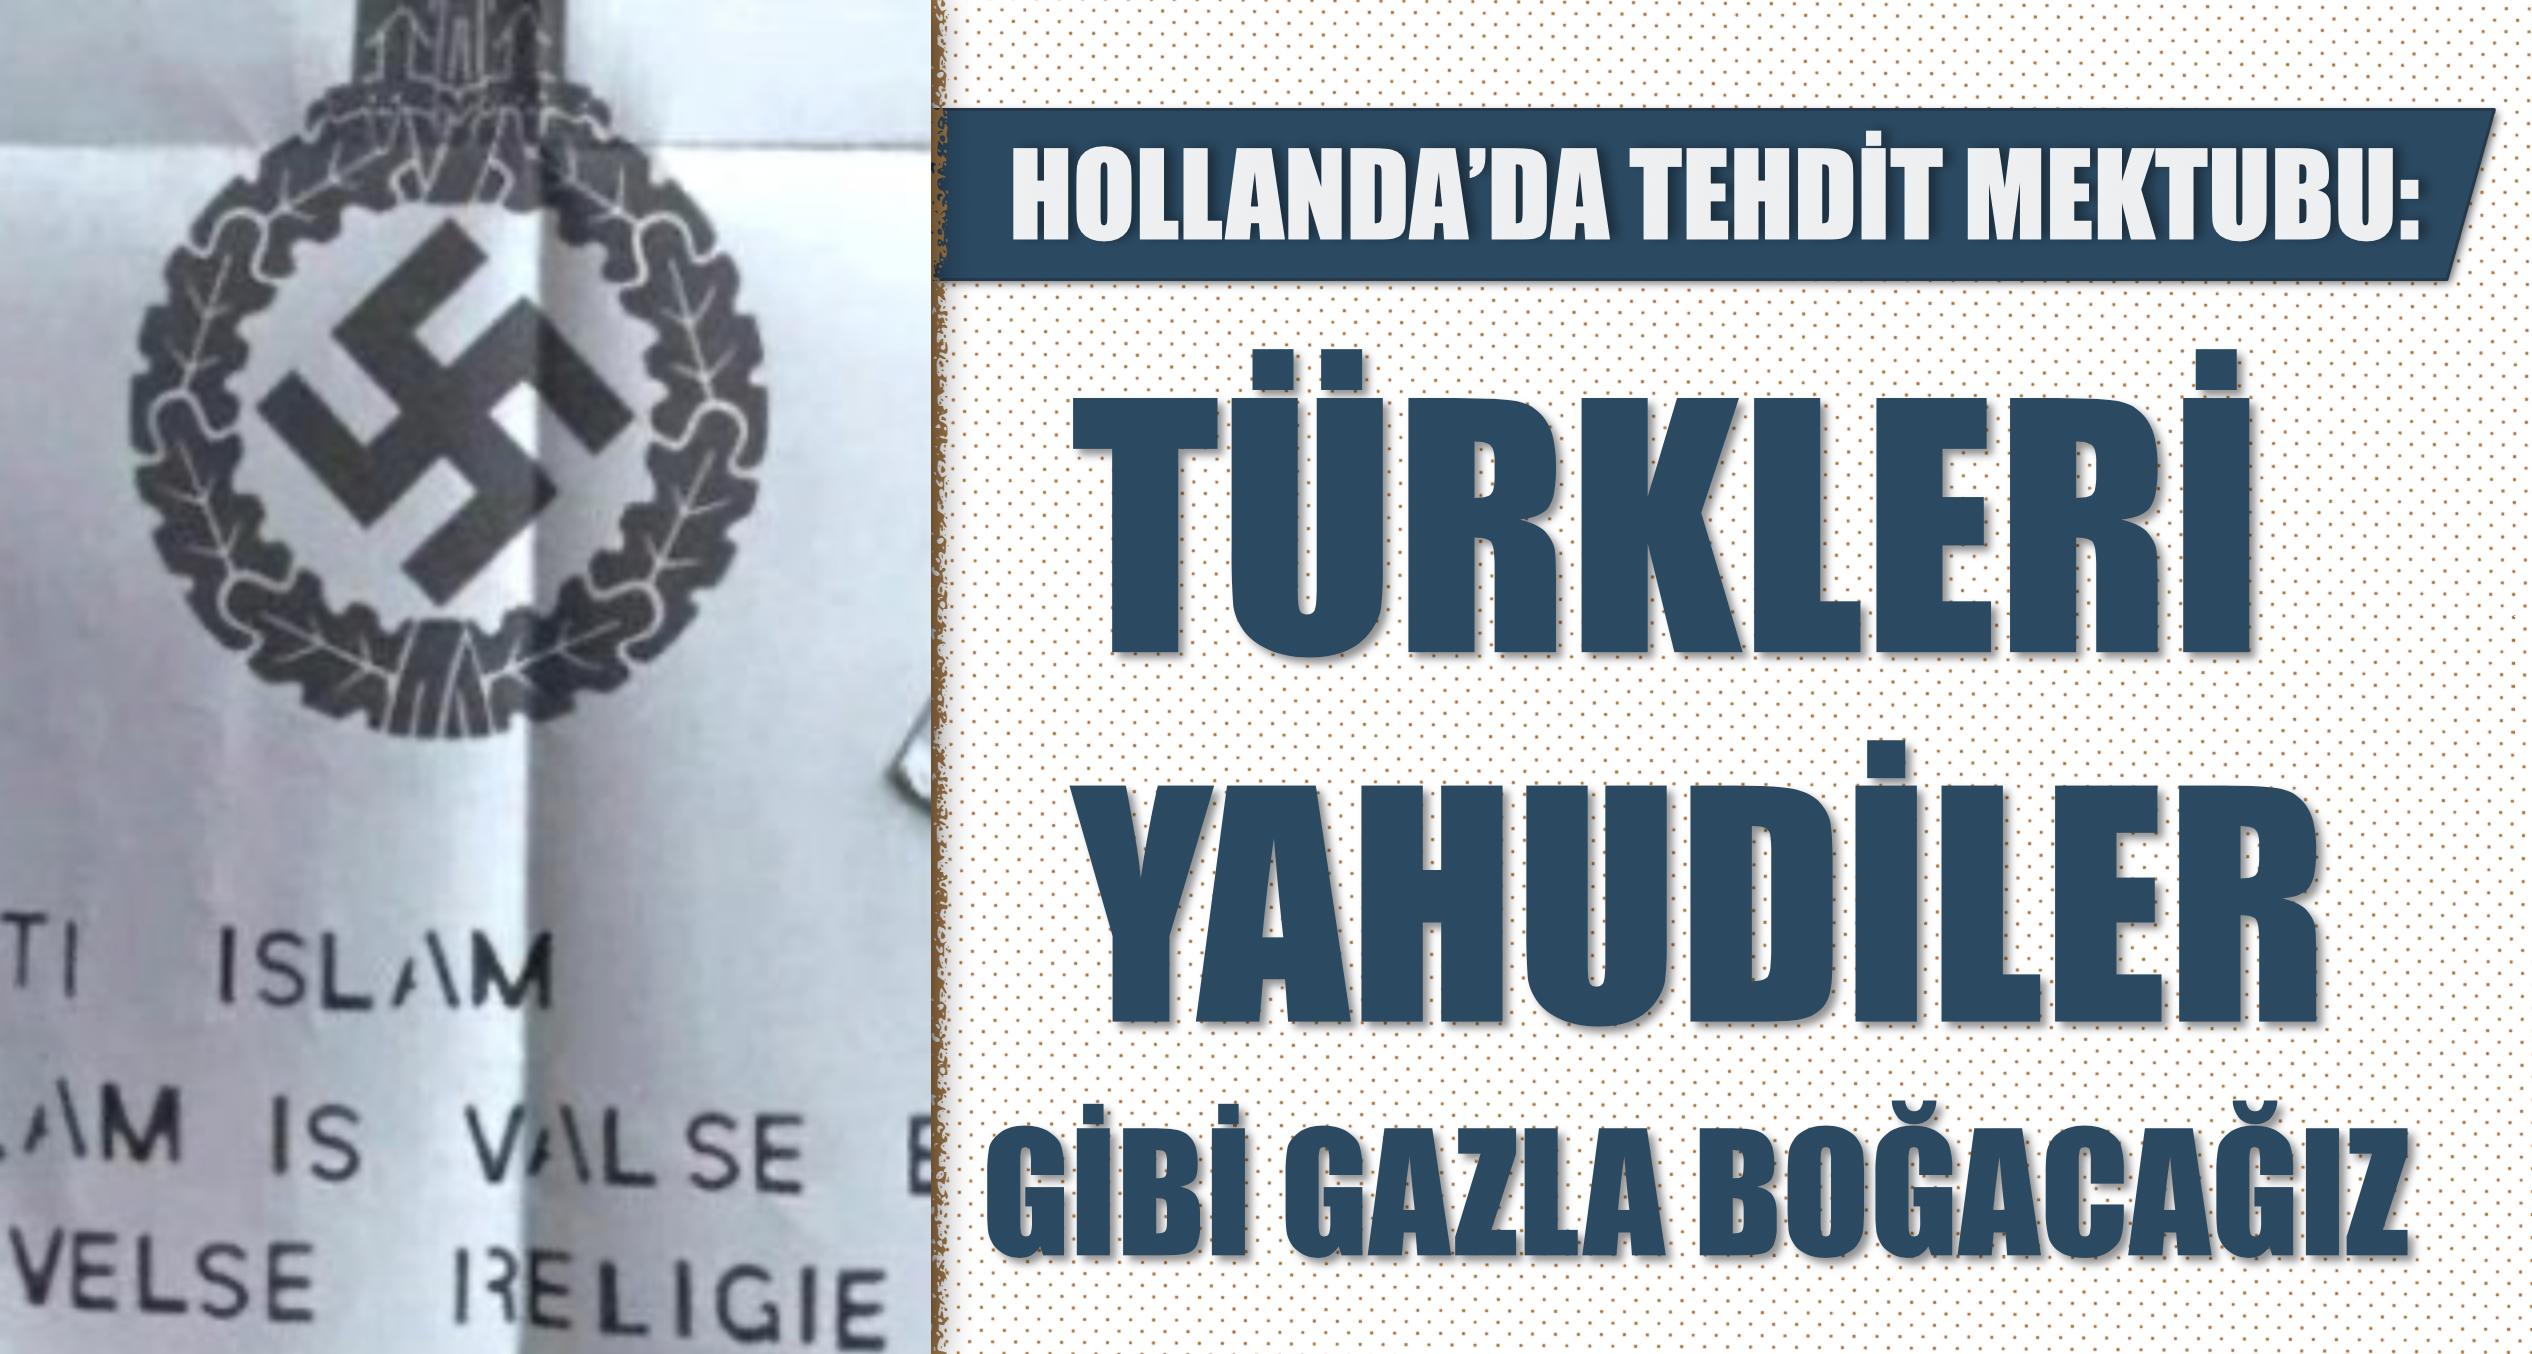 Hollanda'da tehdit mektubu: Türkleri Yahudiler gibi gazla boğacağız